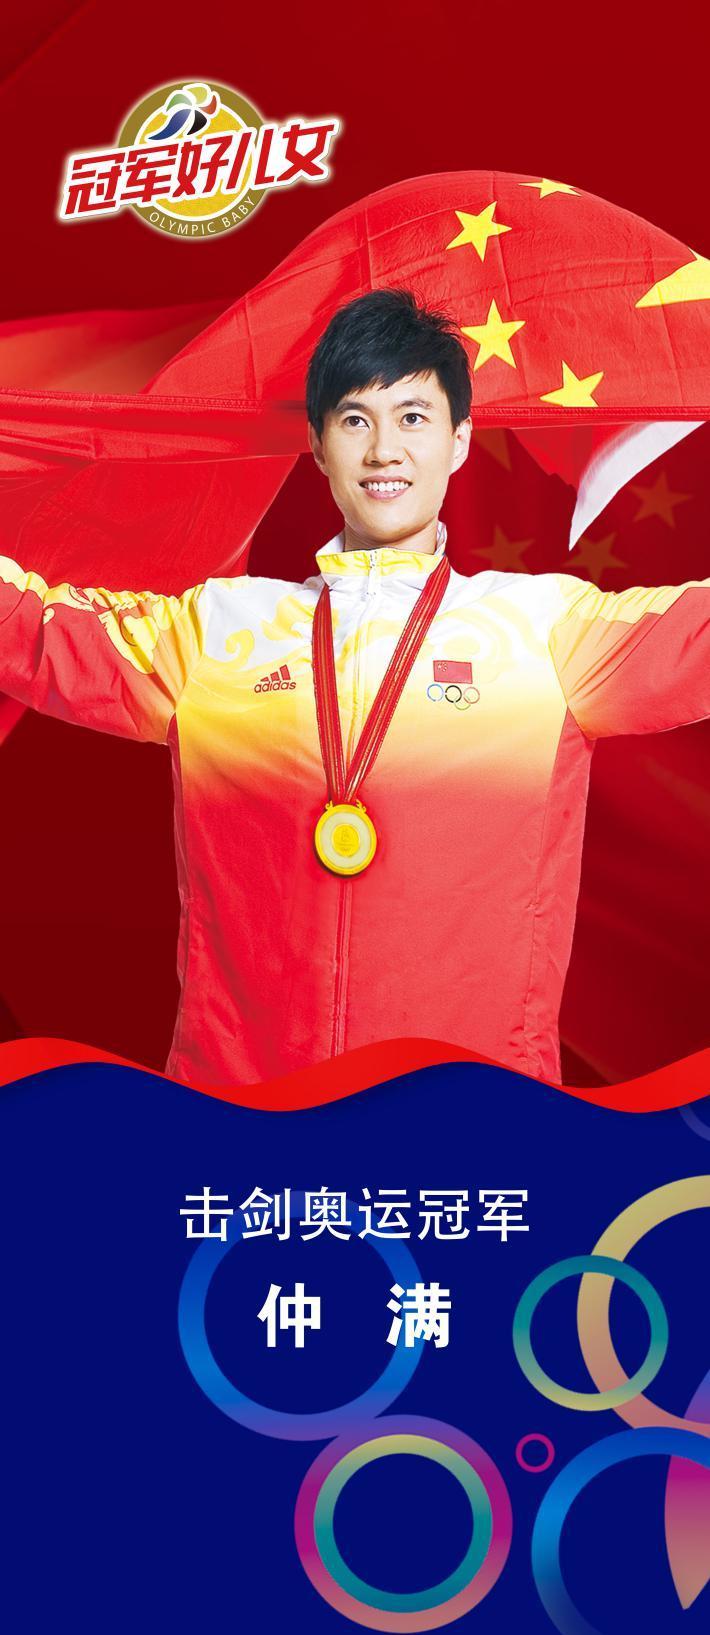 10月14日,听说这位奥运冠军要来苏州绿宝?